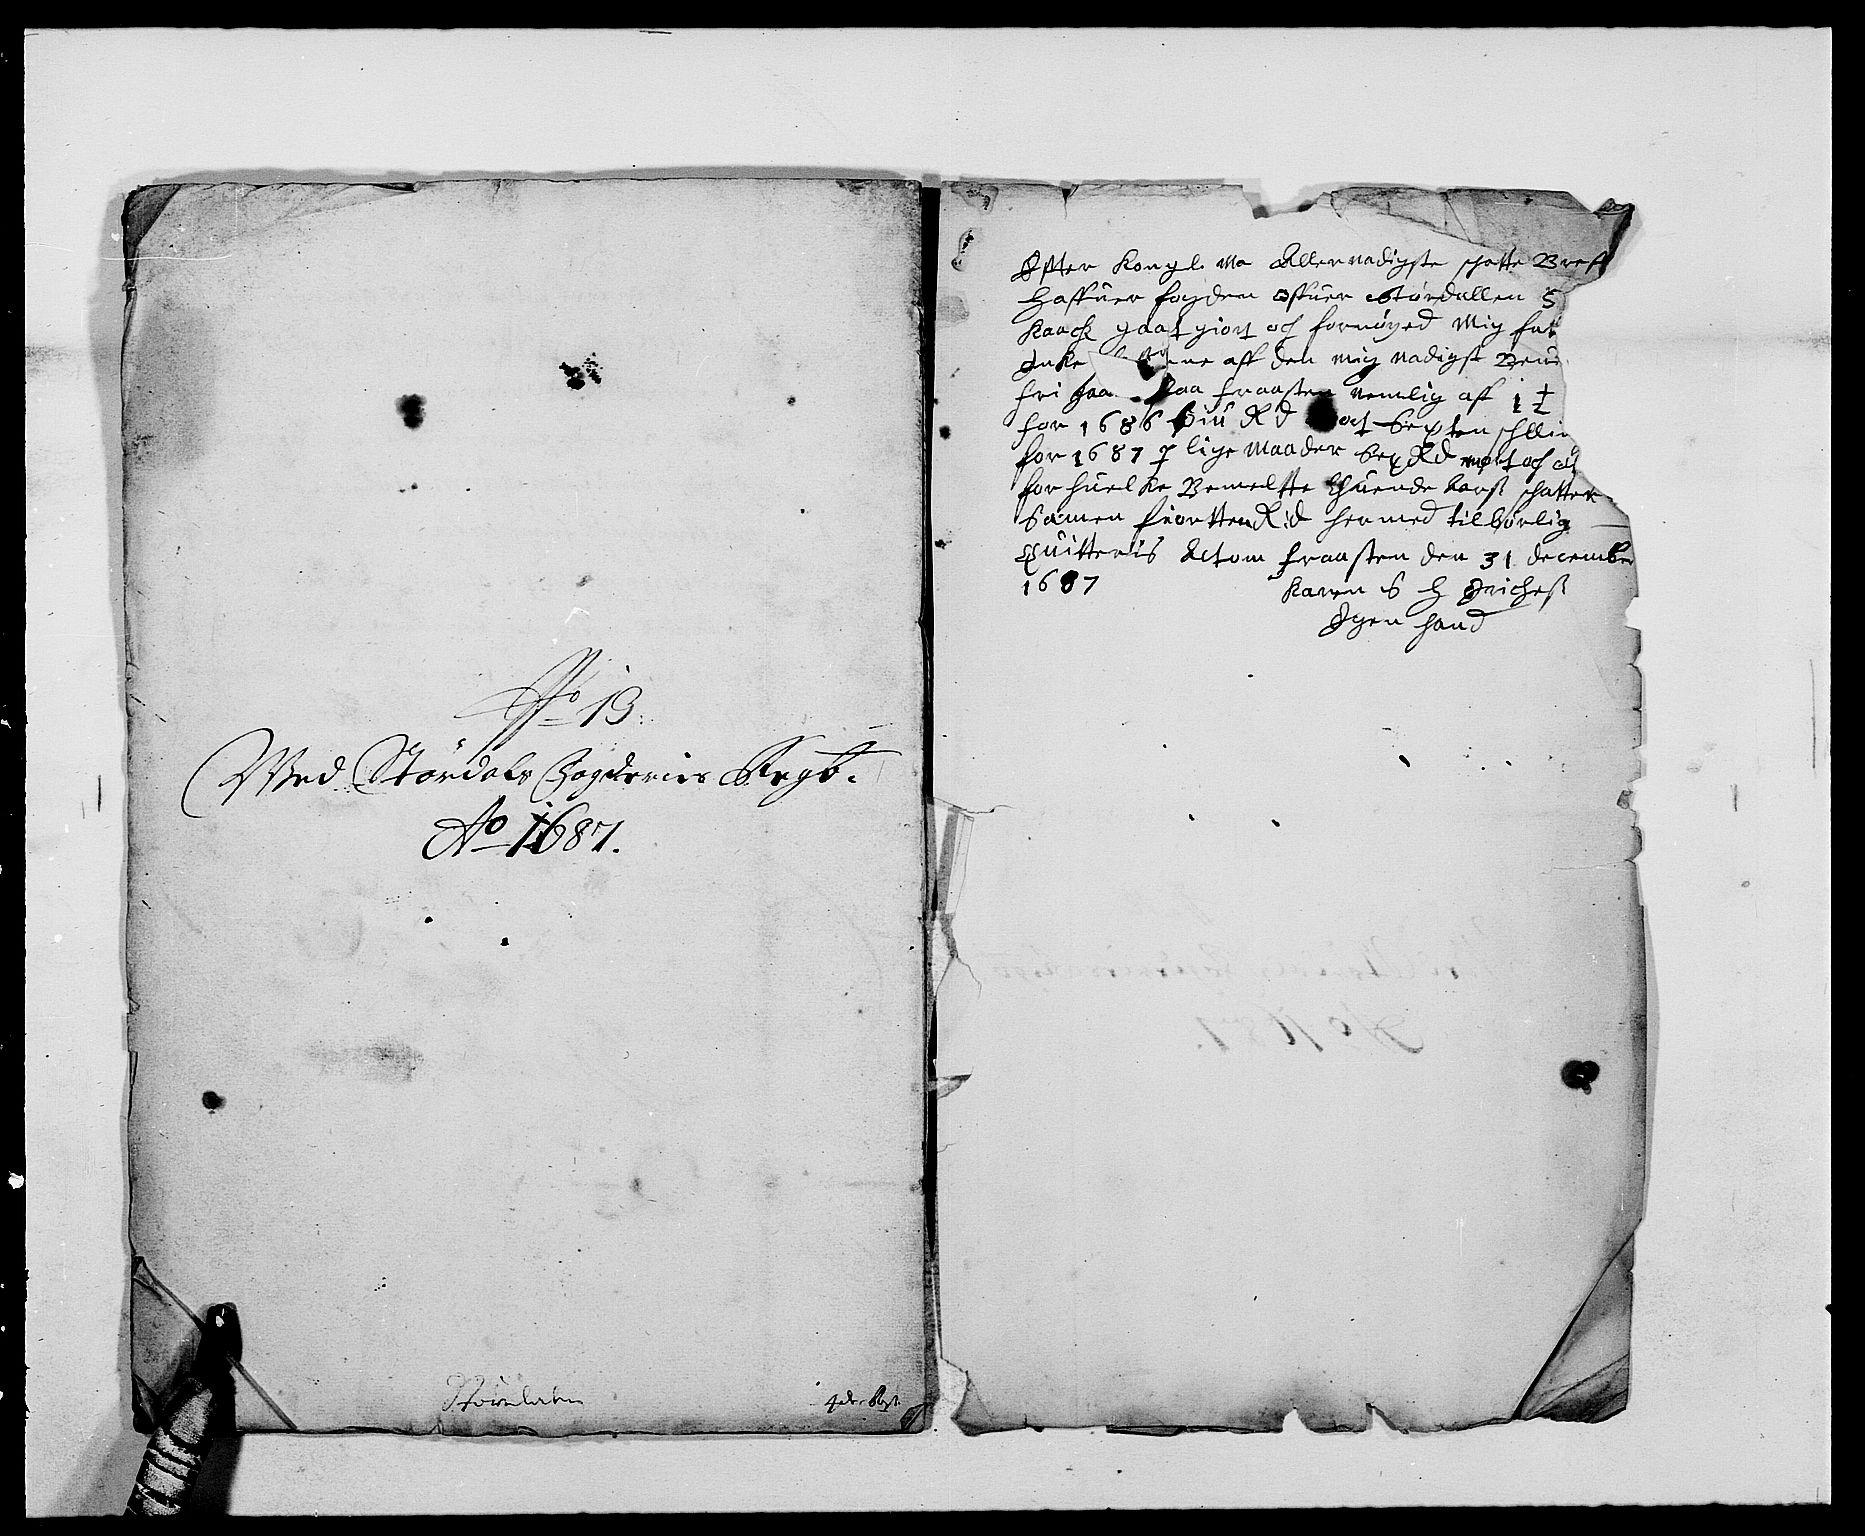 RA, Rentekammeret inntil 1814, Reviderte regnskaper, Fogderegnskap, R62/L4183: Fogderegnskap Stjørdal og Verdal, 1687-1689, s. 194